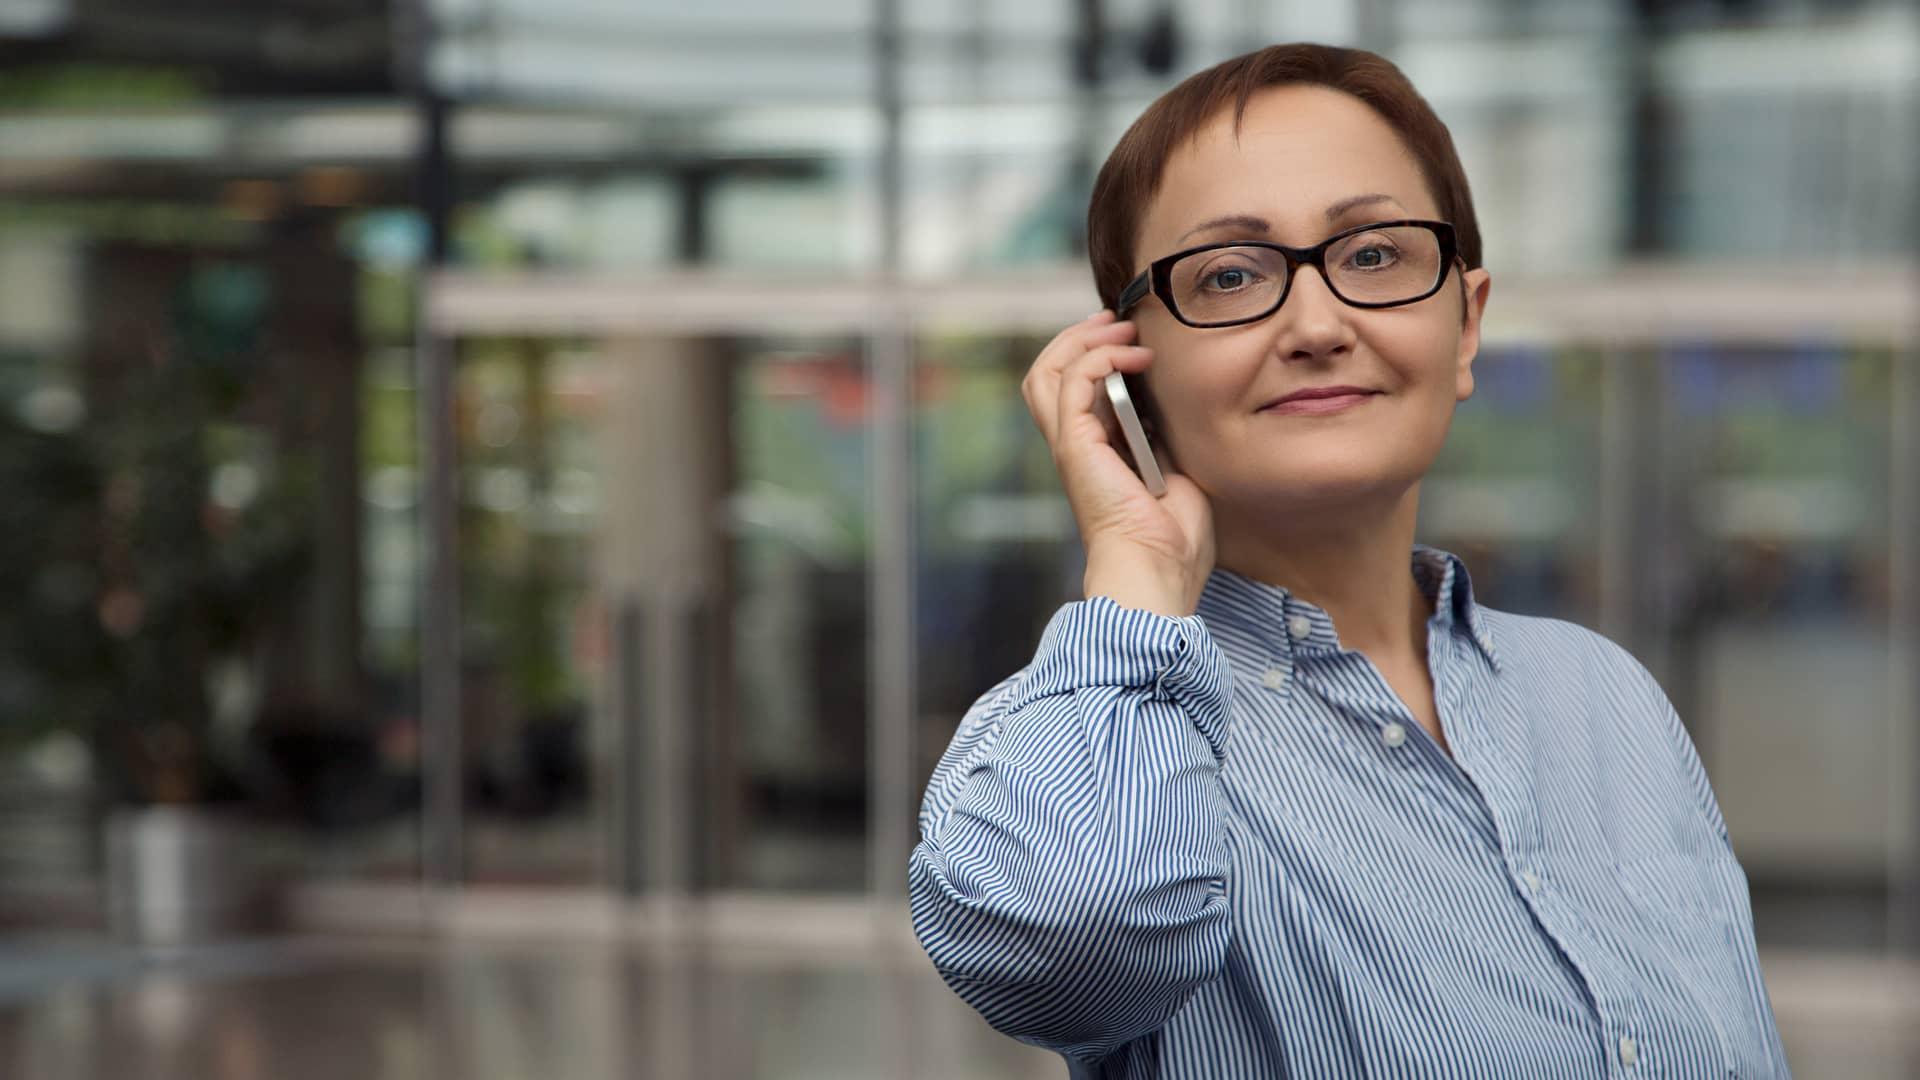 Llamadas internacionales Vodafone: precios y bonos